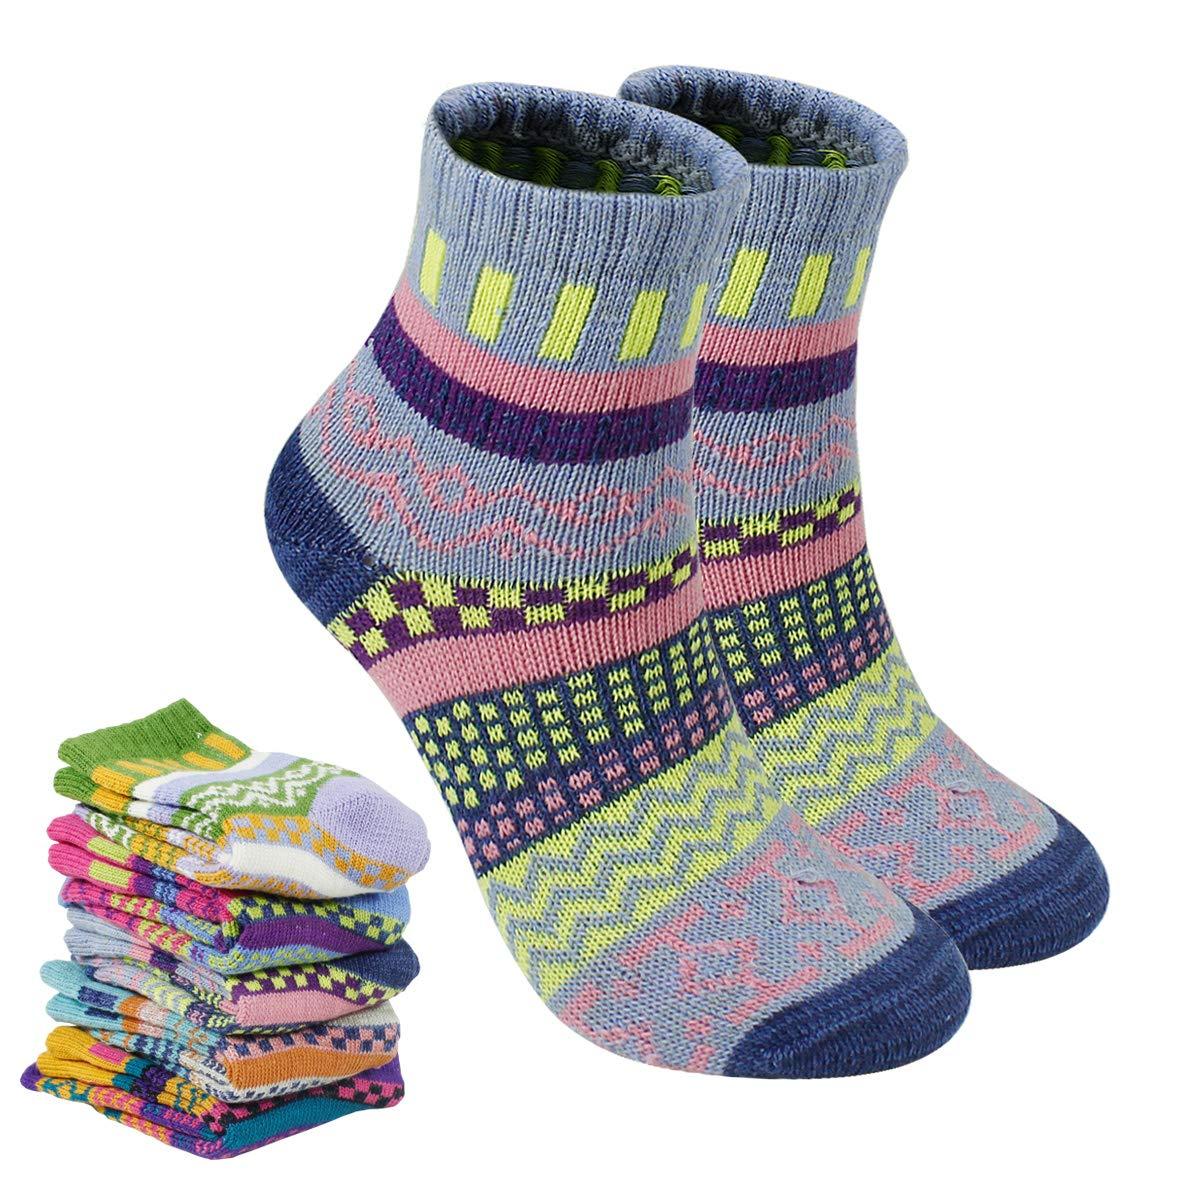 Dokpav 5 pares Calcetines mujeres Calcetines de invierno caliente Suave C/ómodo Super Gruesa Calcetines Adulto mujer Calcetines Calcetines de algodon